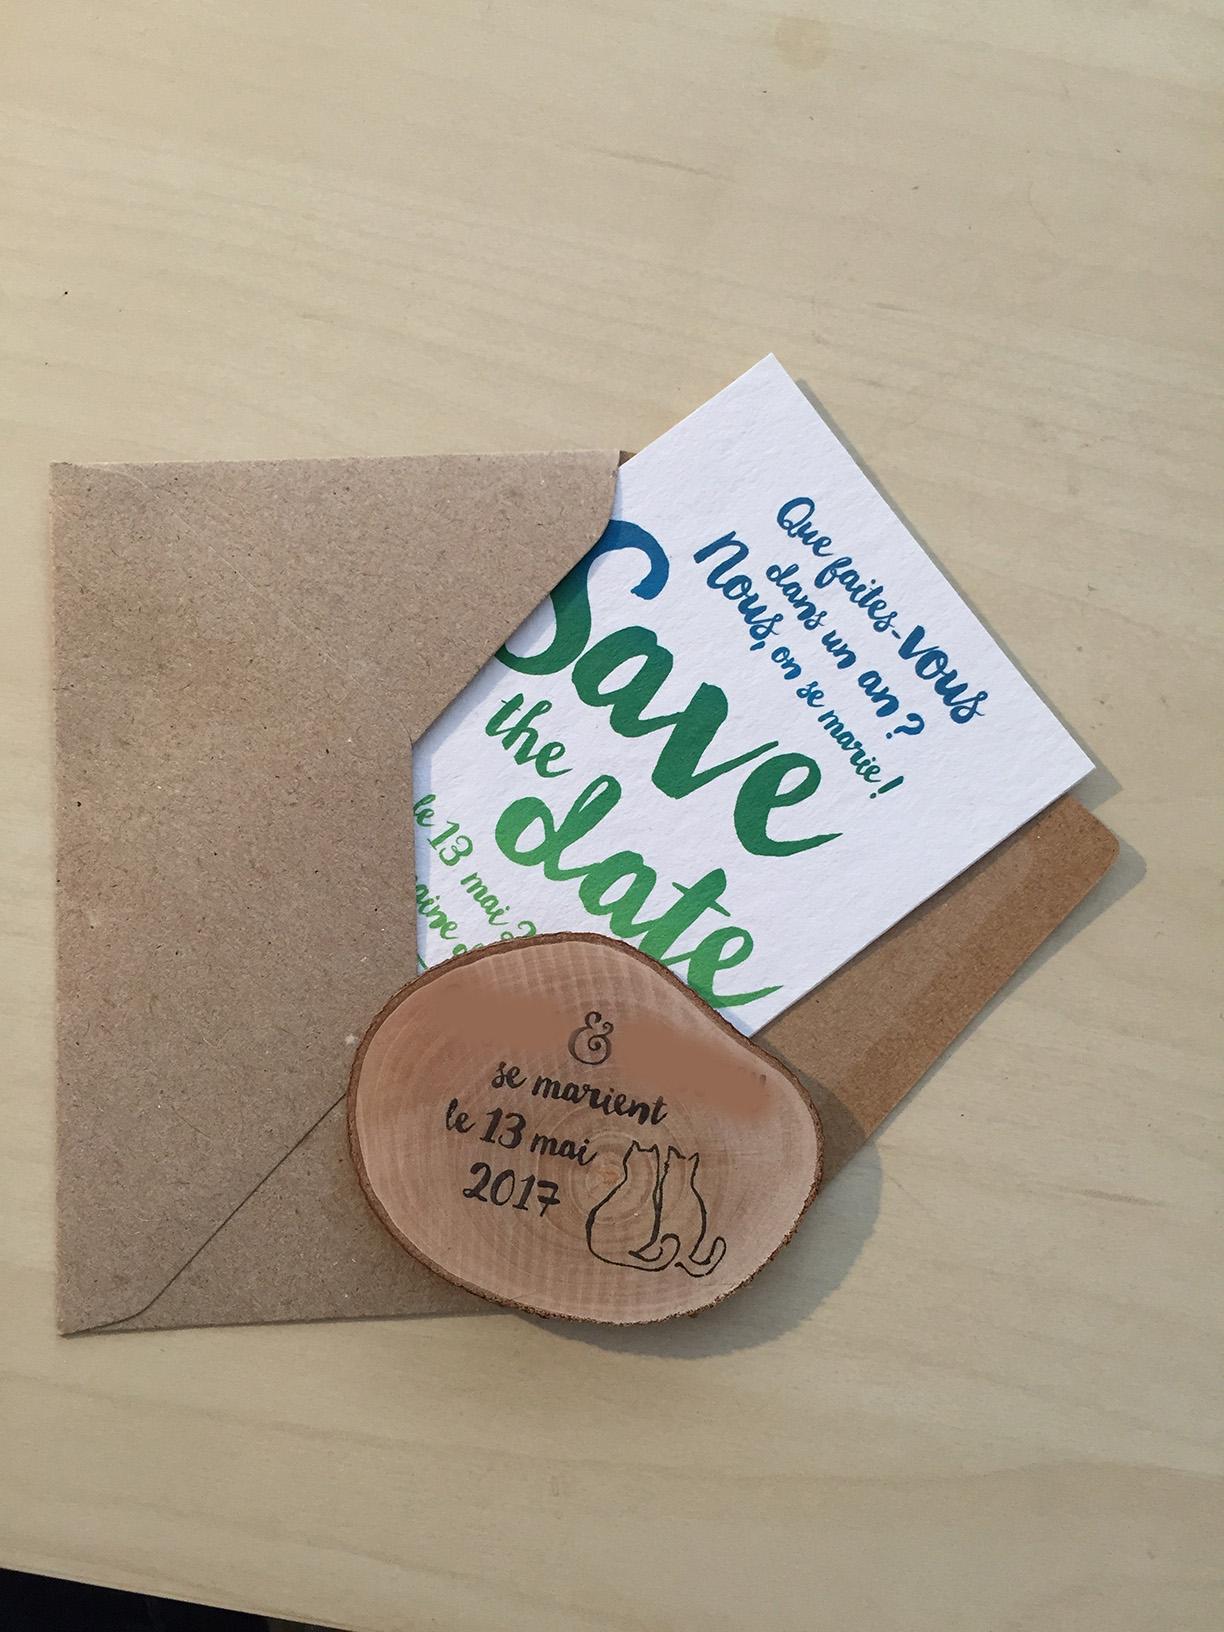 La création de notre save-the-date où comment nous avons mixé green et papier – Partie 2